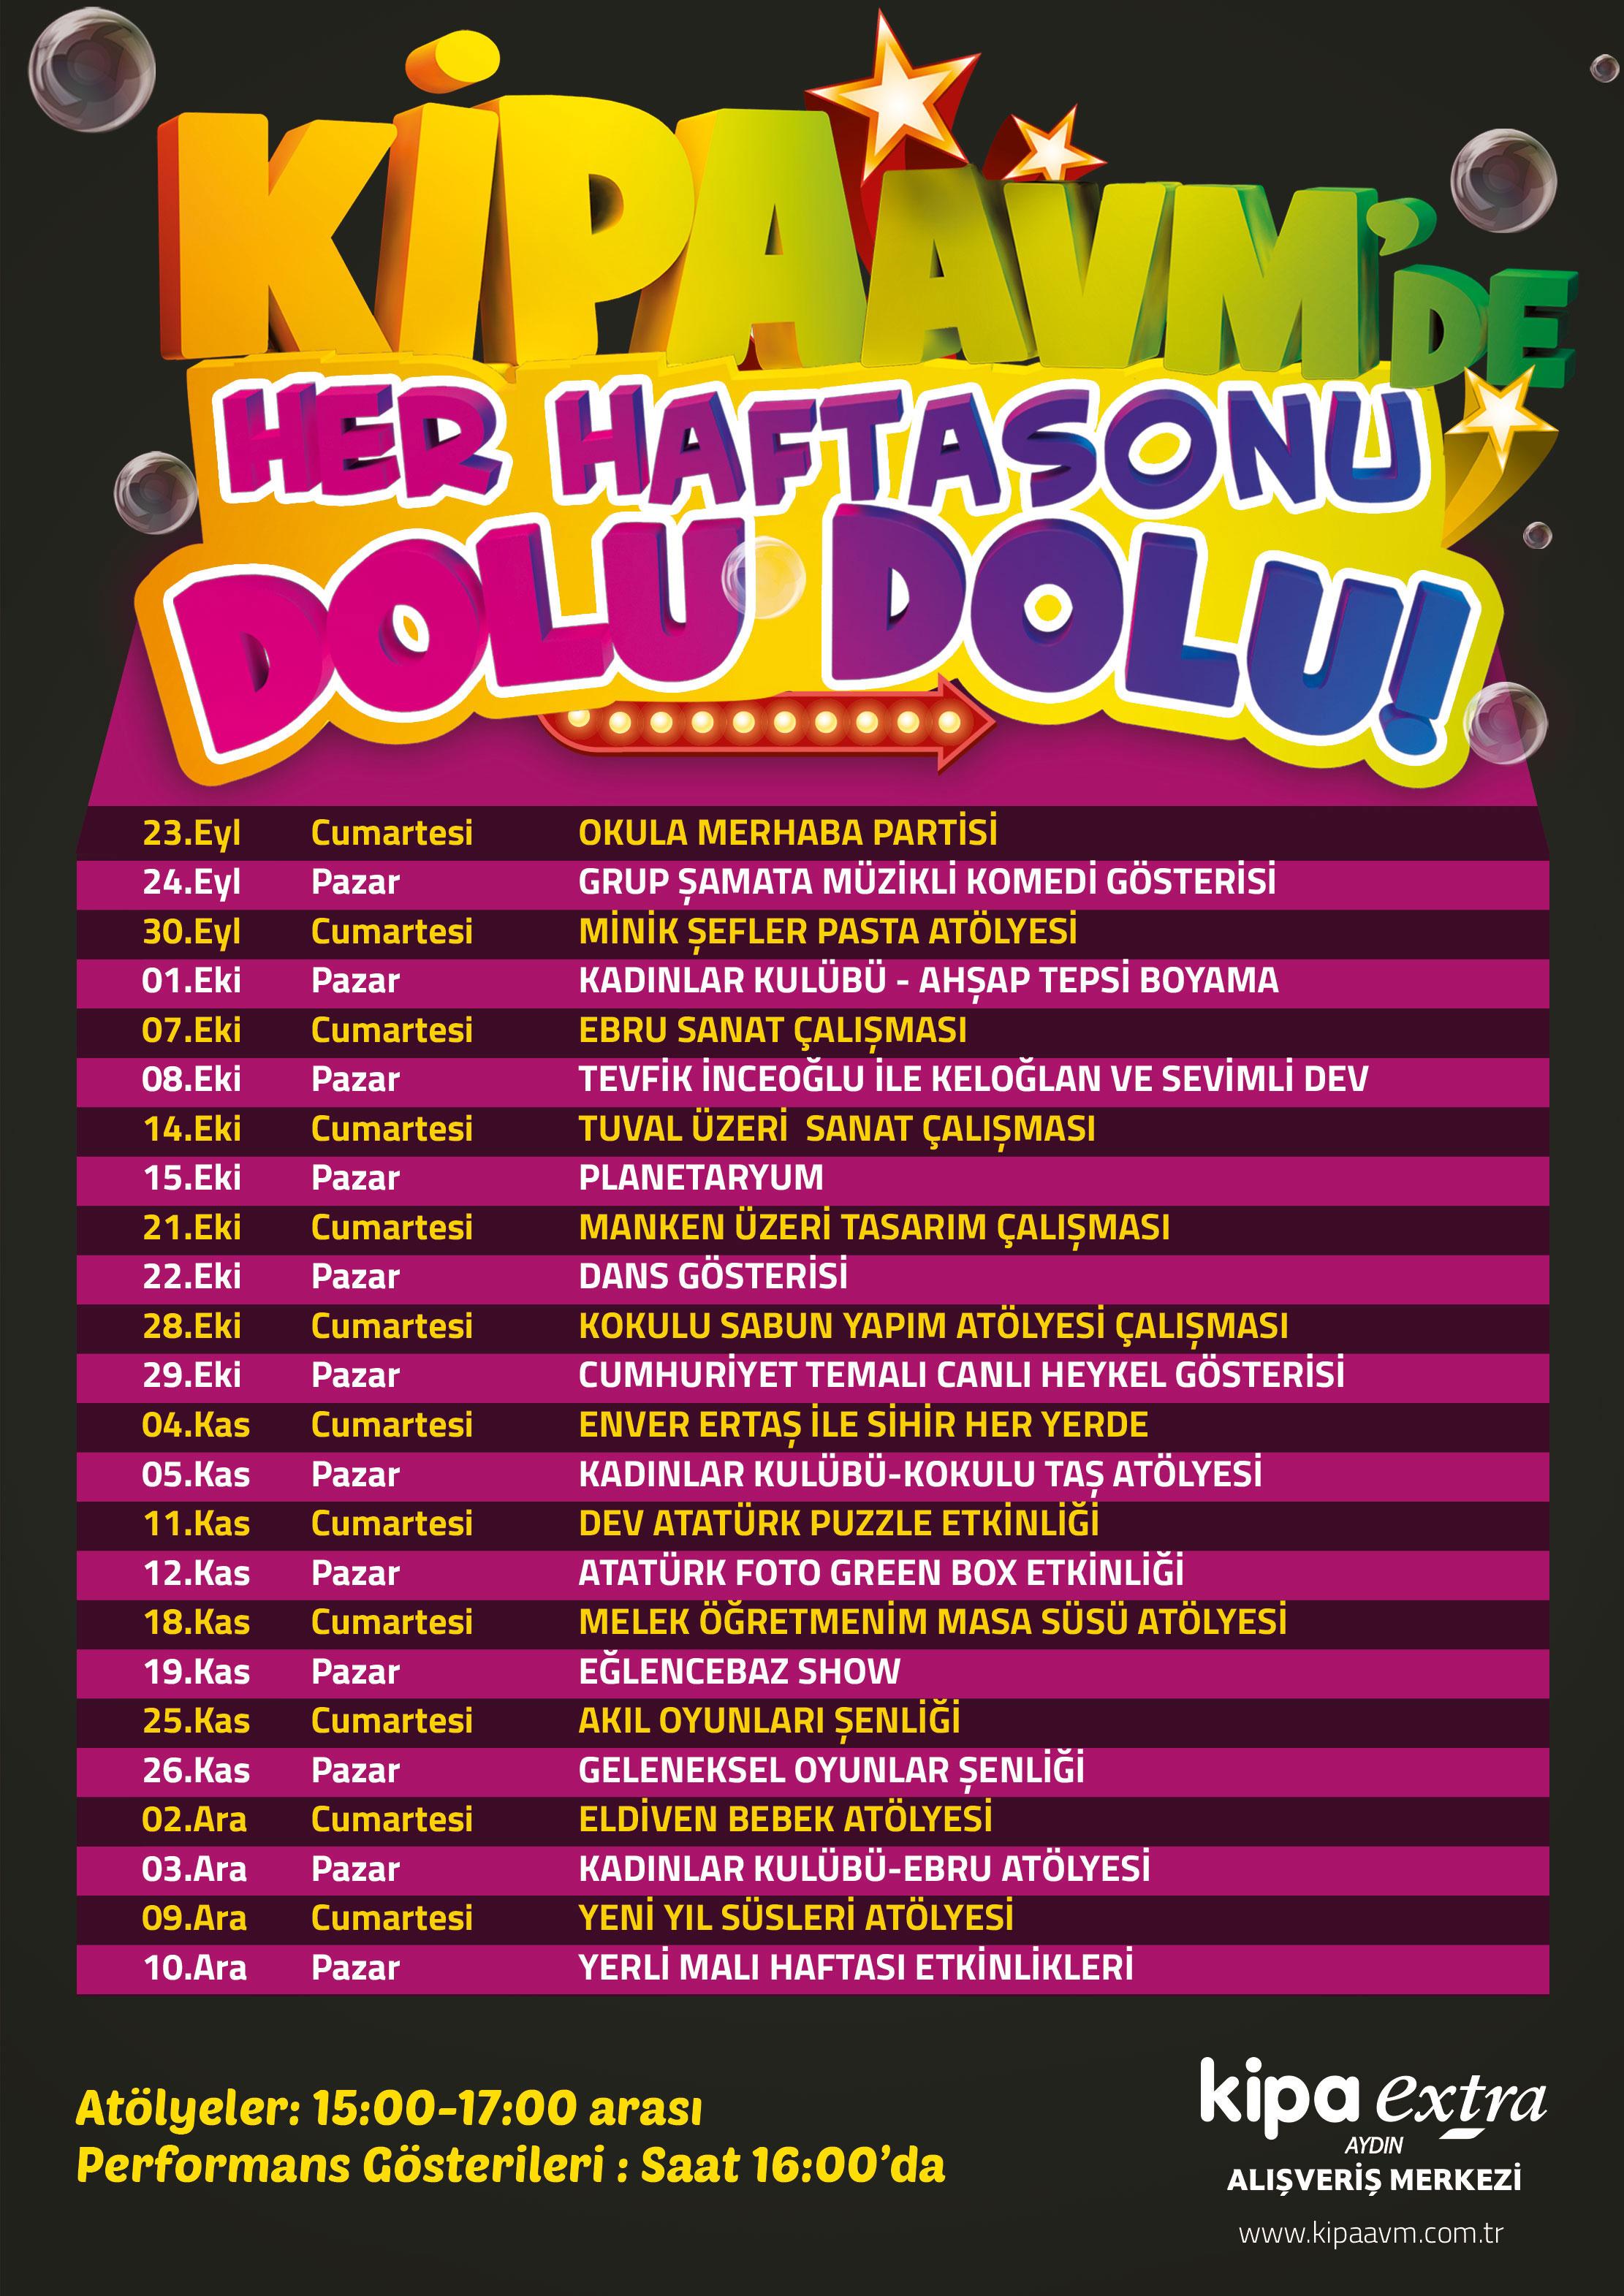 AYDIN KİPA AVM'DE HER HAFTASONU DOLU DOLU!